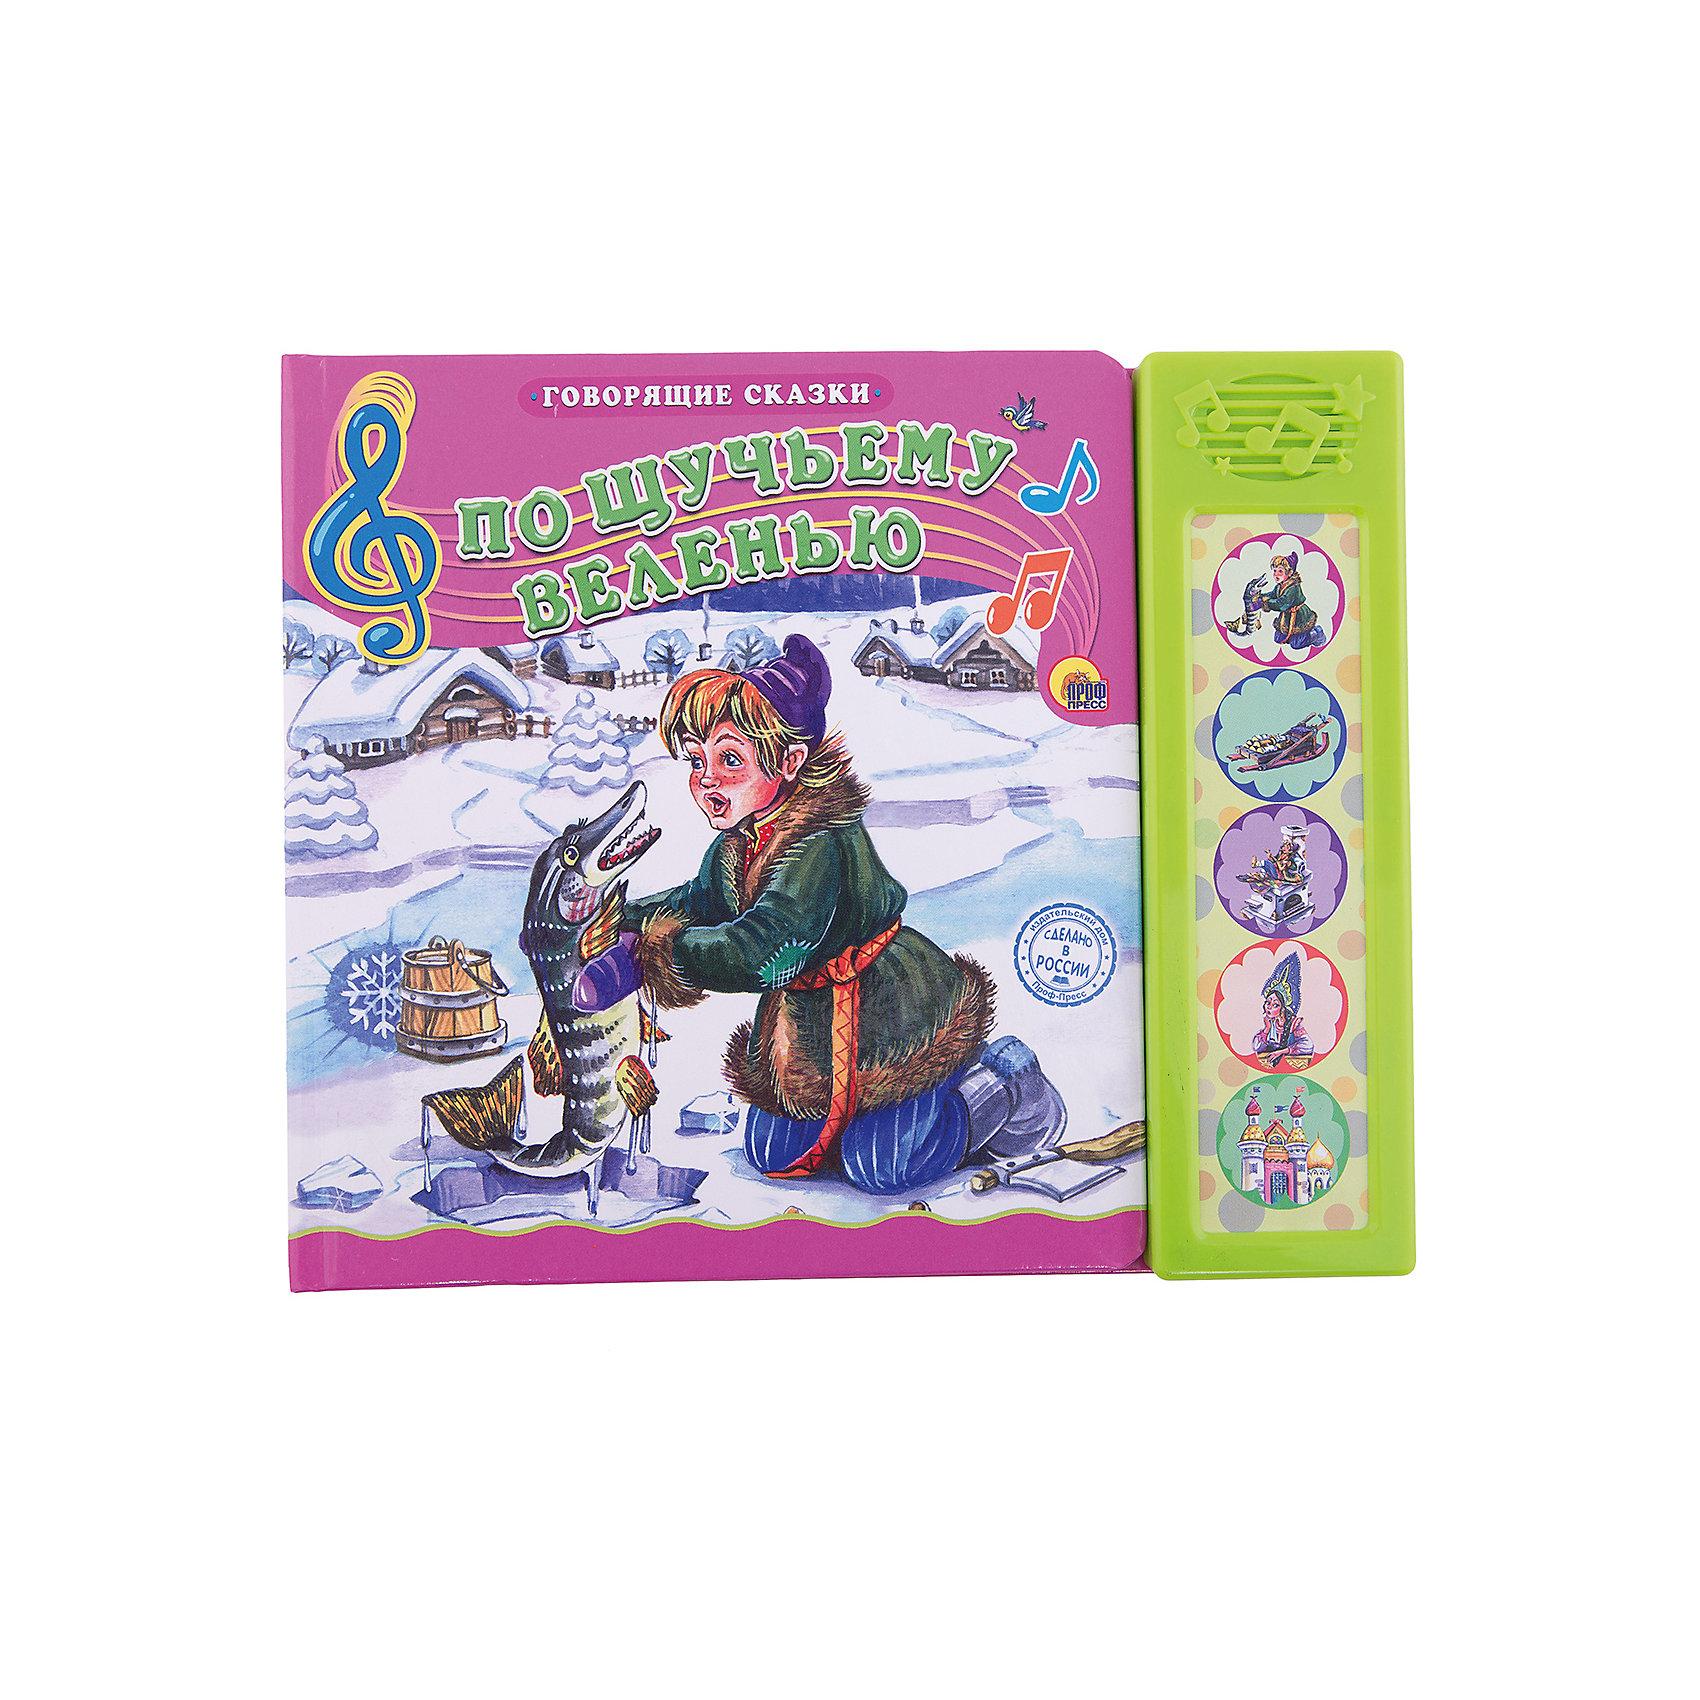 По щучьему веленью, Говорящие сказкиМузыкальные книги<br>В данной серии изданий собраны сказки, проверенные многими поколениями, которые понравятся и современным детям. Книги - это лучший подарок не только взрослым, они помогают детям познавать мир и учиться читать, также книги позволяют ребенку весело проводить время. Они также стимулируют развитие воображения, логики и творческого мышления.<br>Это издание сделано специально для самых маленьких - с плотными страничками и пятью кнопками со звуковым модулем, нажав на них, ребенок услышит сказку. Яркие картинки обязательно понравятся малышам! Книга сделана из качественных и безопасных для детей материалов.<br>  <br>Дополнительная информация:<br><br>страниц: 10; <br>размер: 19х22 см;<br>вес: 254 г.<br><br>Книгу с 5 кнопками Говорящие сказки. По щучьему веленью от издательства Проф-Пресс можно купить в нашем магазине.<br><br>Ширина мм: 190<br>Глубина мм: 15<br>Высота мм: 220<br>Вес г: 235<br>Возраст от месяцев: 0<br>Возраст до месяцев: 60<br>Пол: Унисекс<br>Возраст: Детский<br>SKU: 4787270